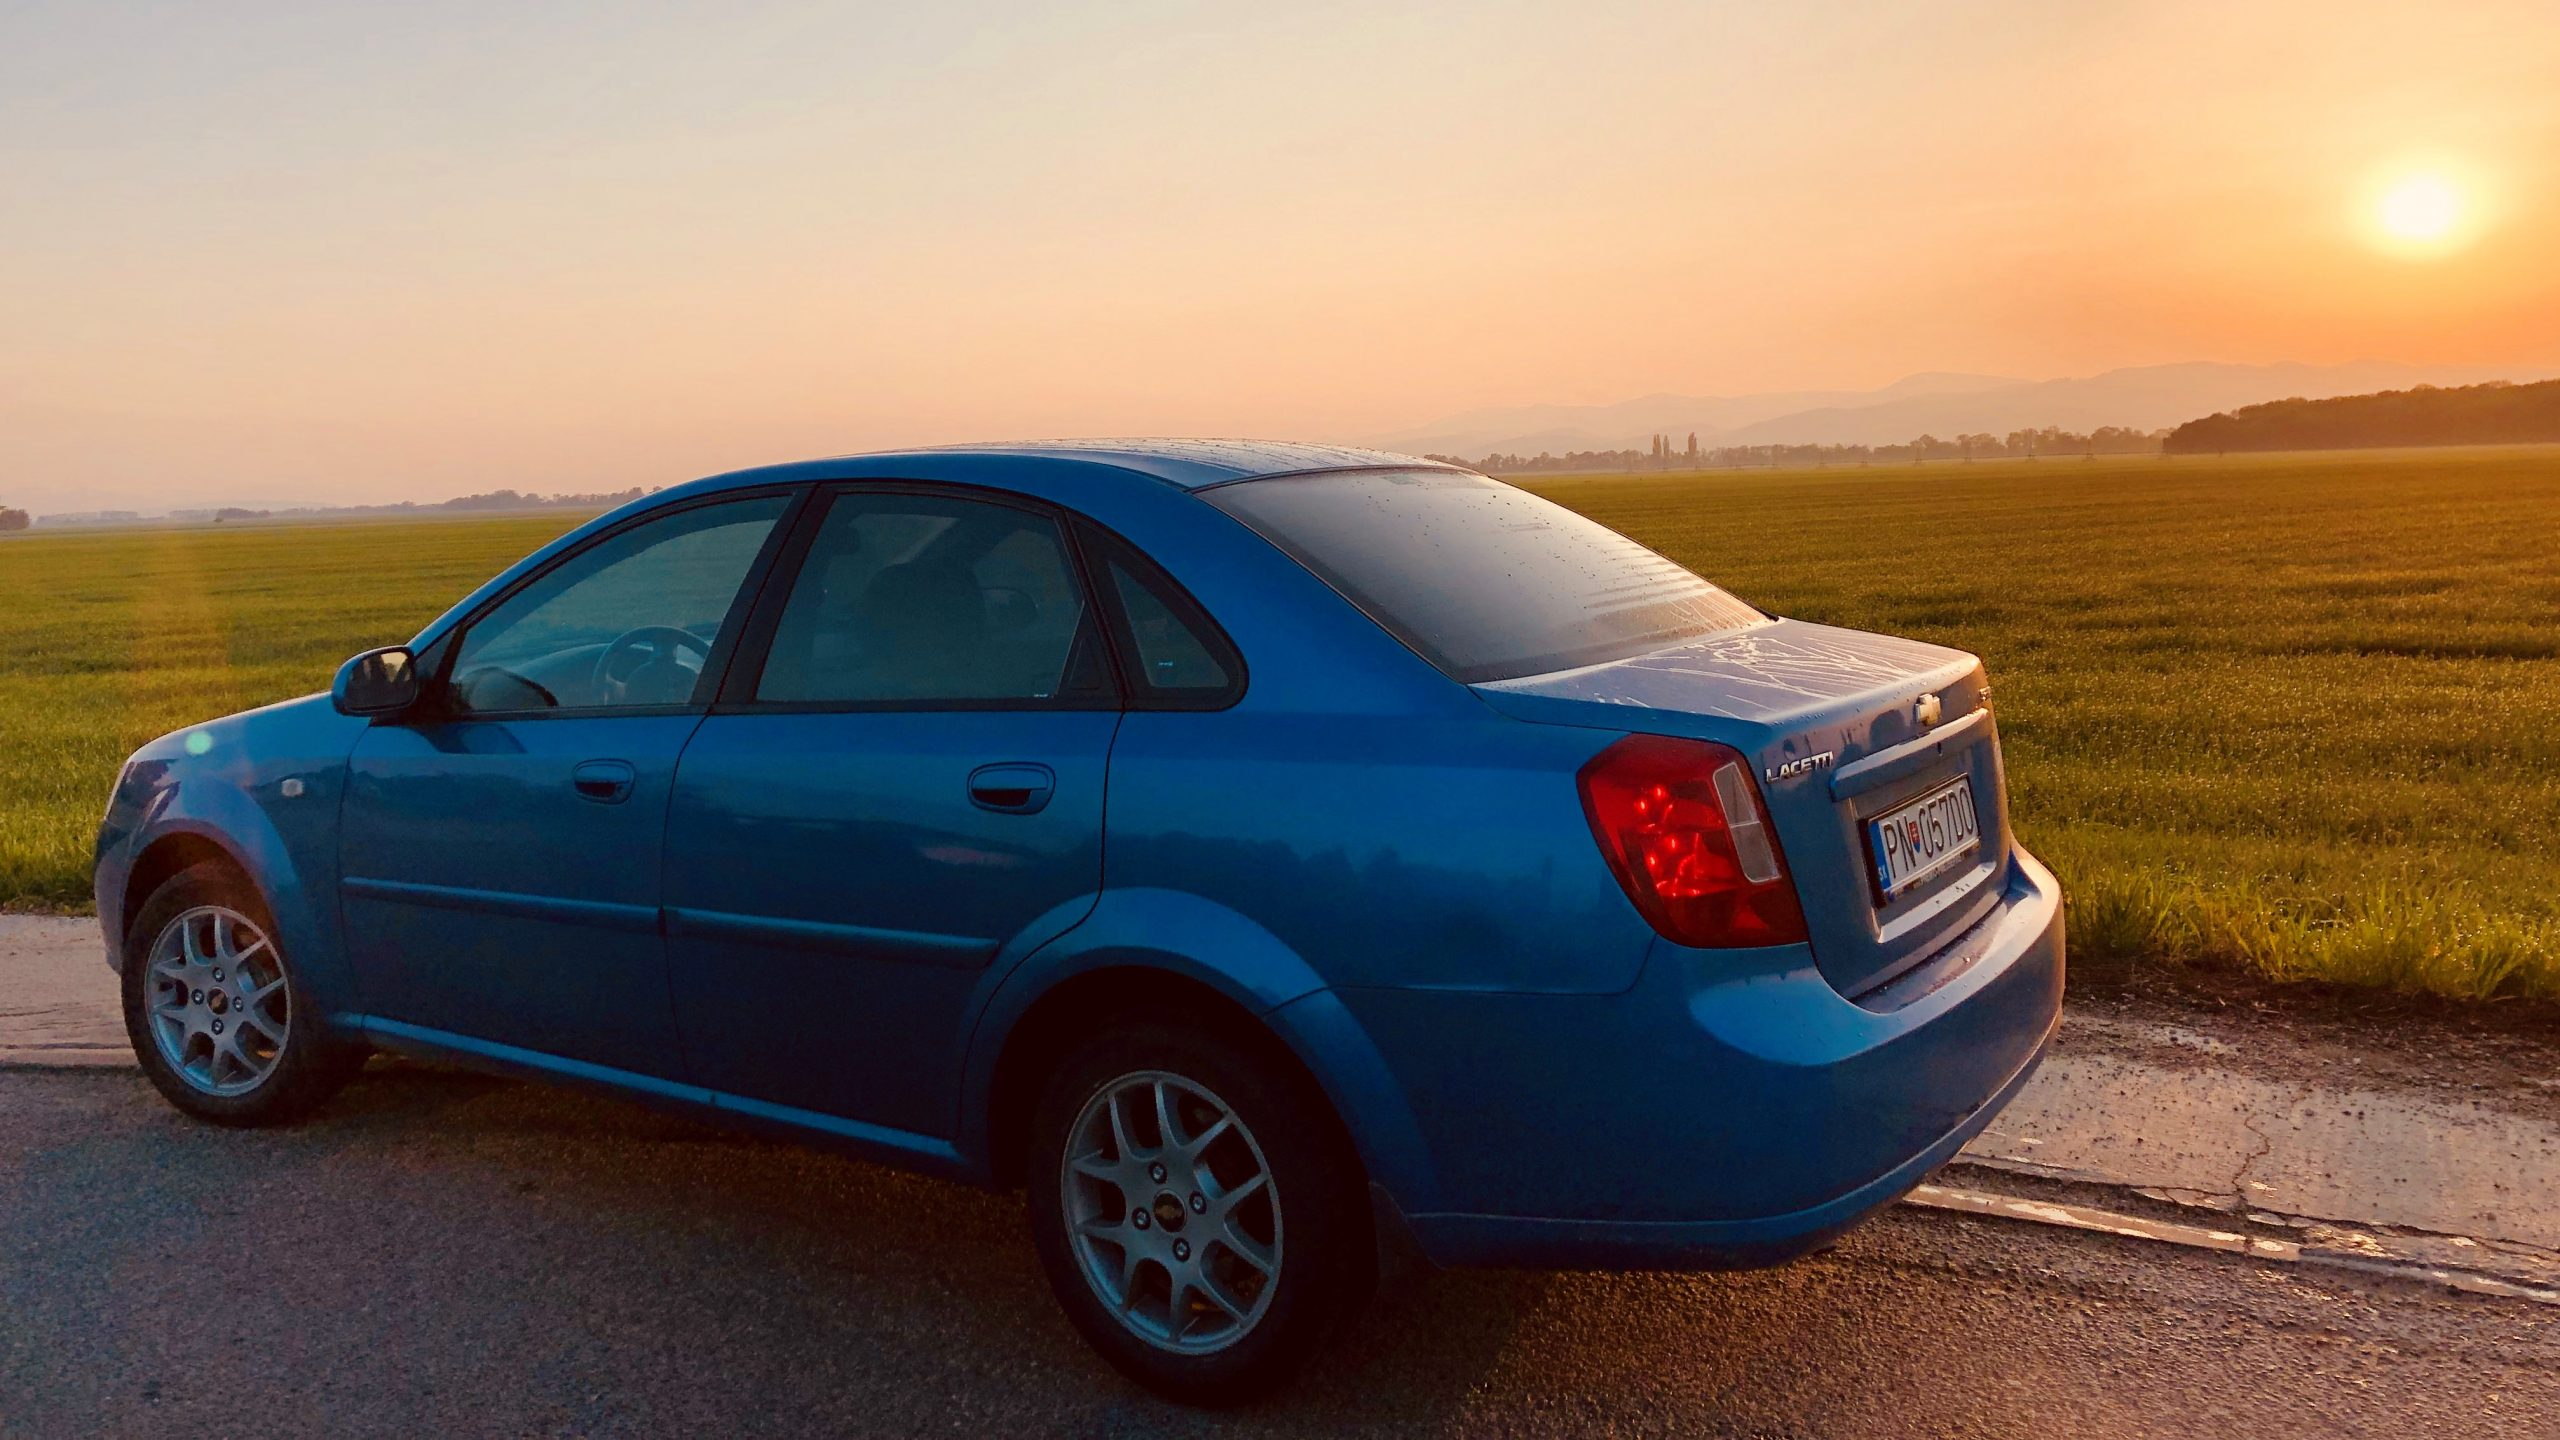 Chevrolet Lacetti recenzia skúsenosti